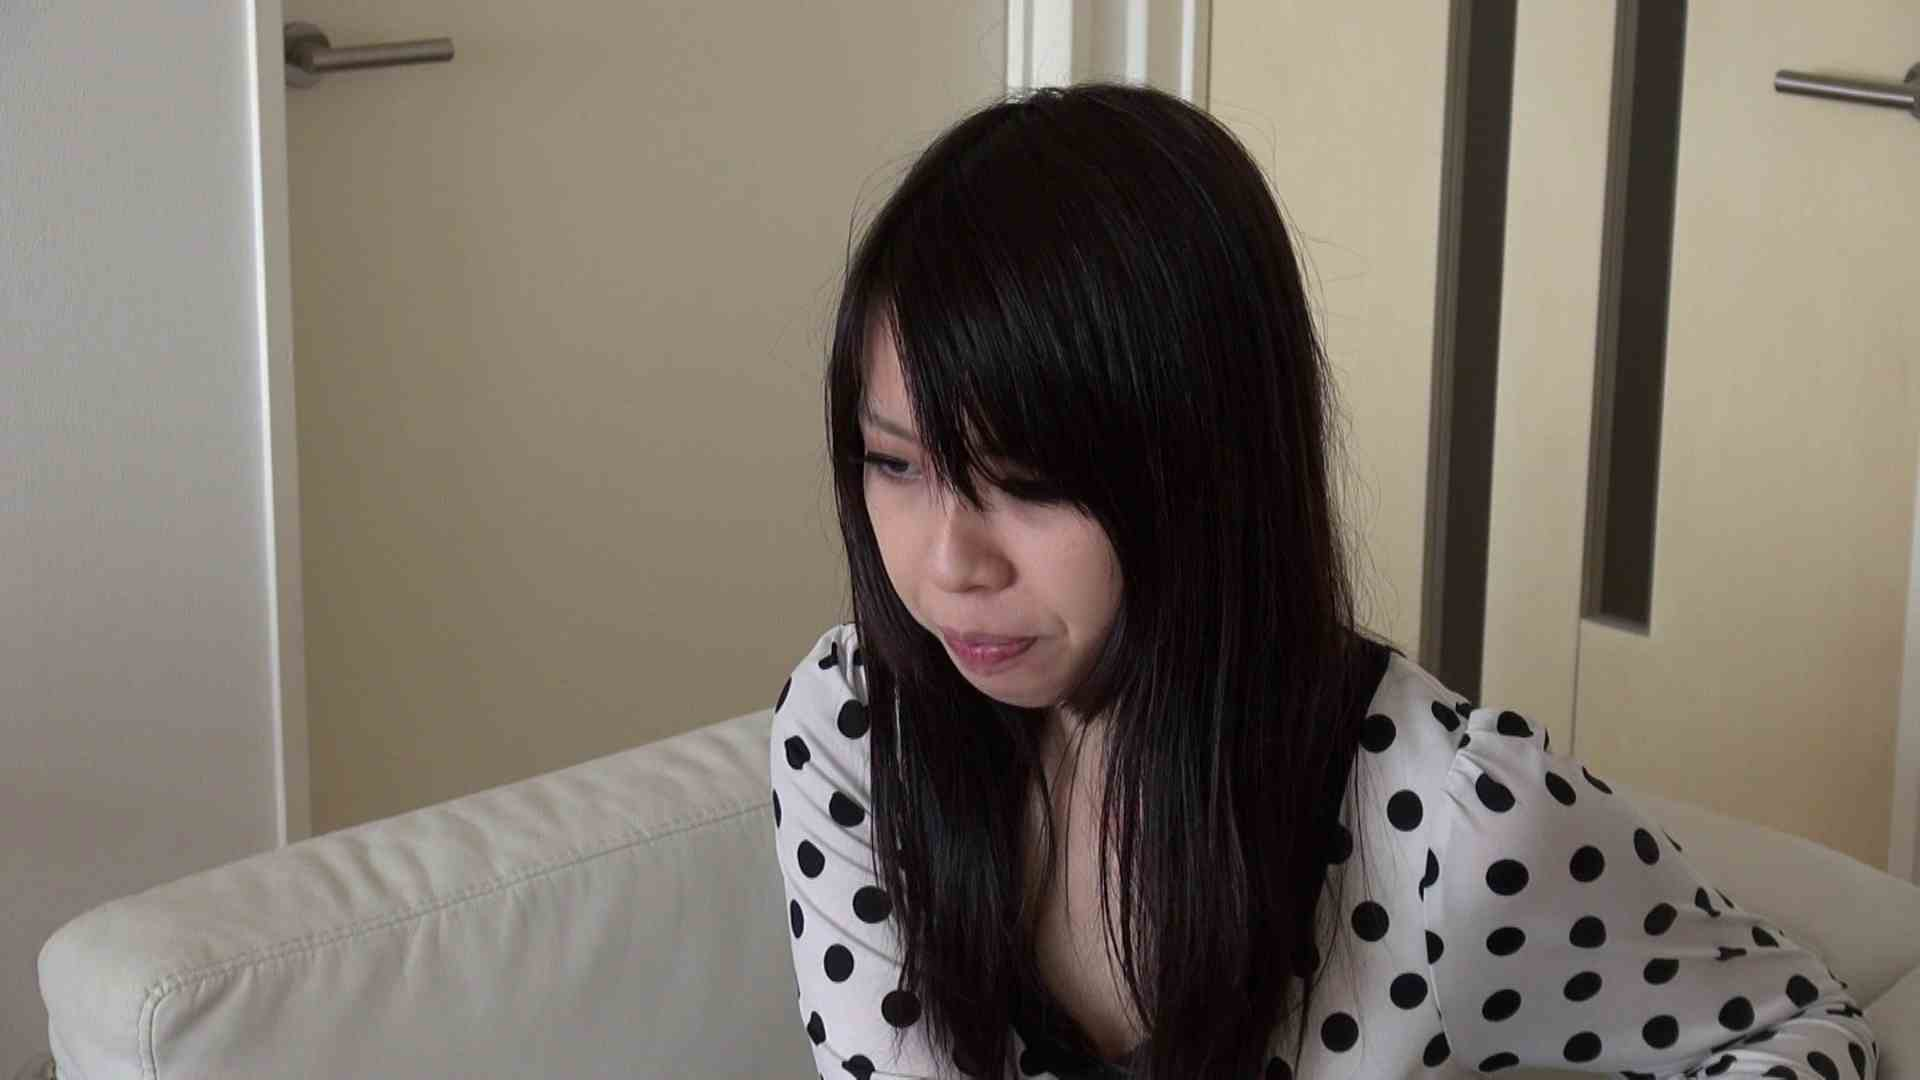 自宅で今回の出演までの経緯を語る志穂さん ドキュメント  65pic 22